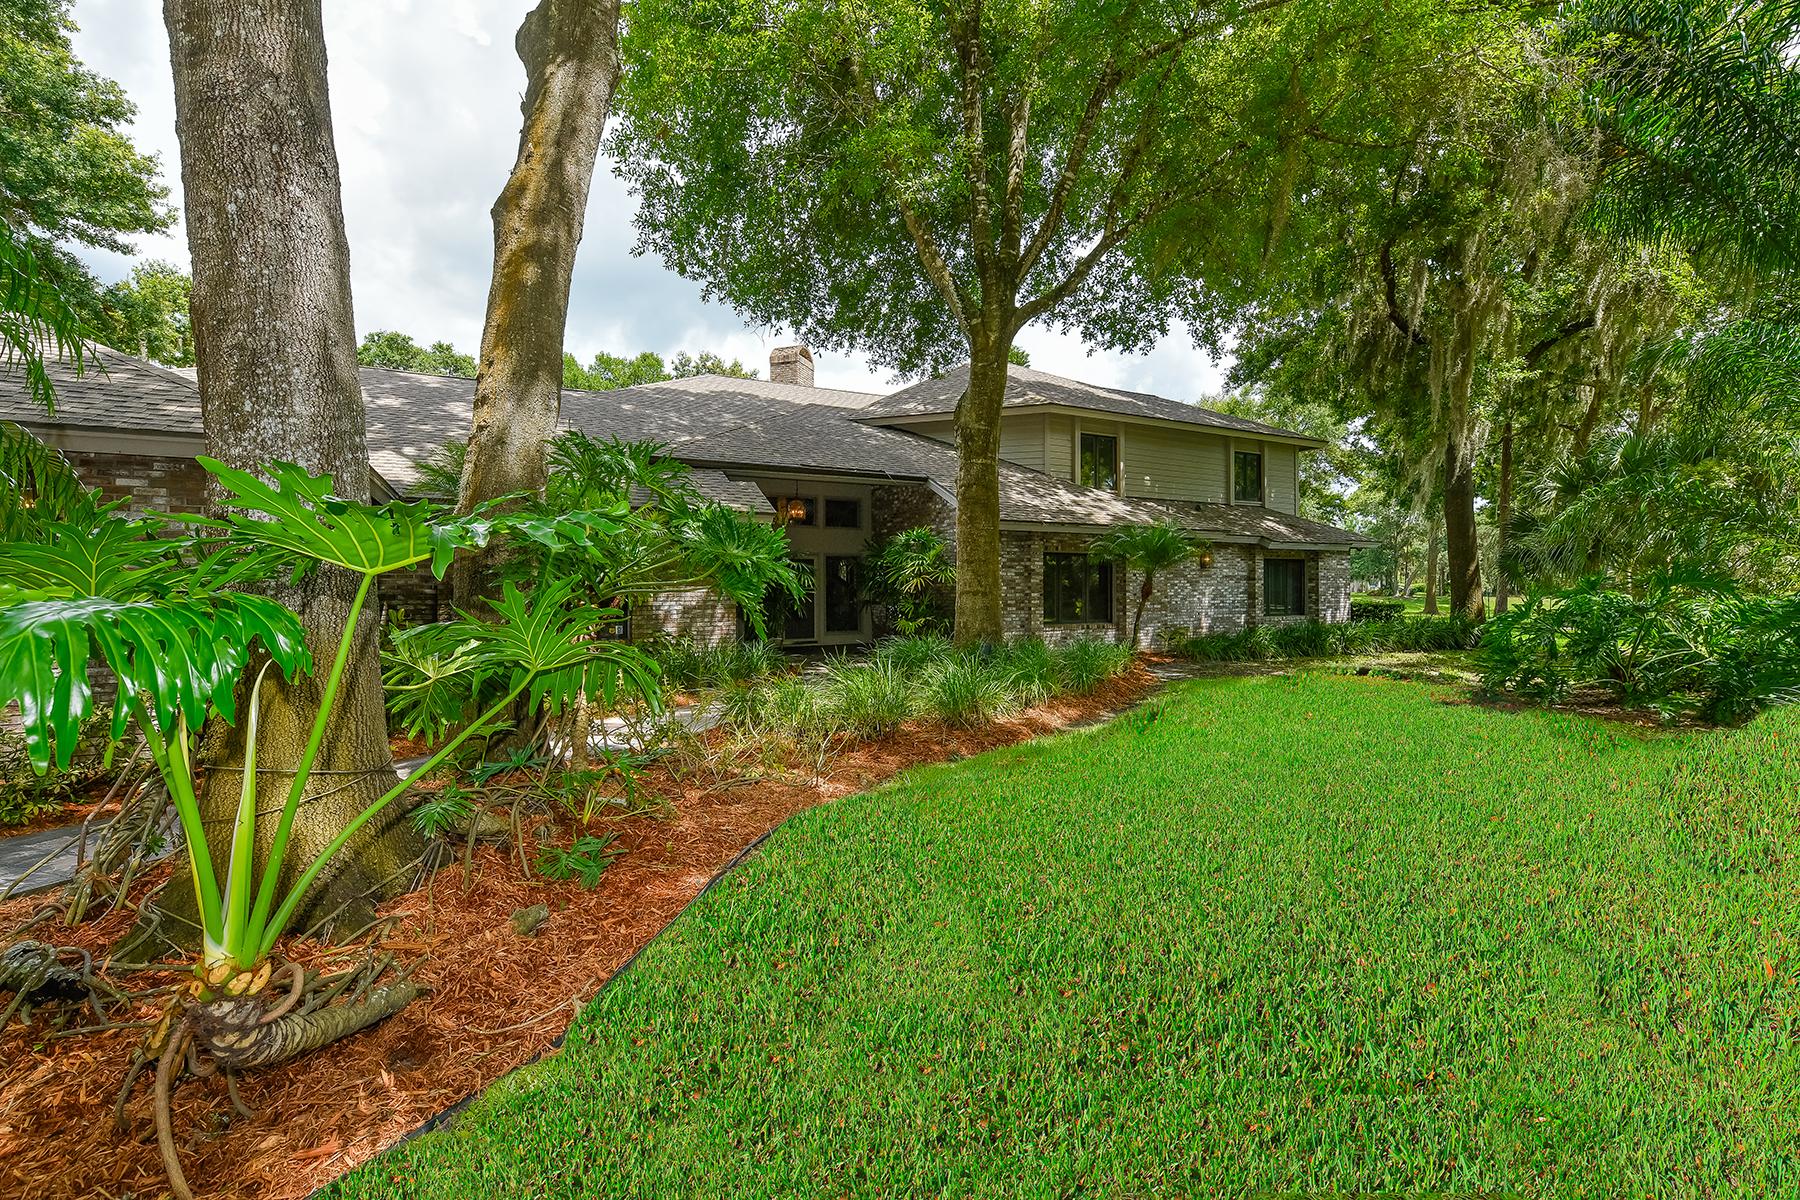 独户住宅 为 销售 在 WOODLANDS AT BENT TREE 5021 Coco Plum Way 萨拉索塔, 佛罗里达州, 34241 美国